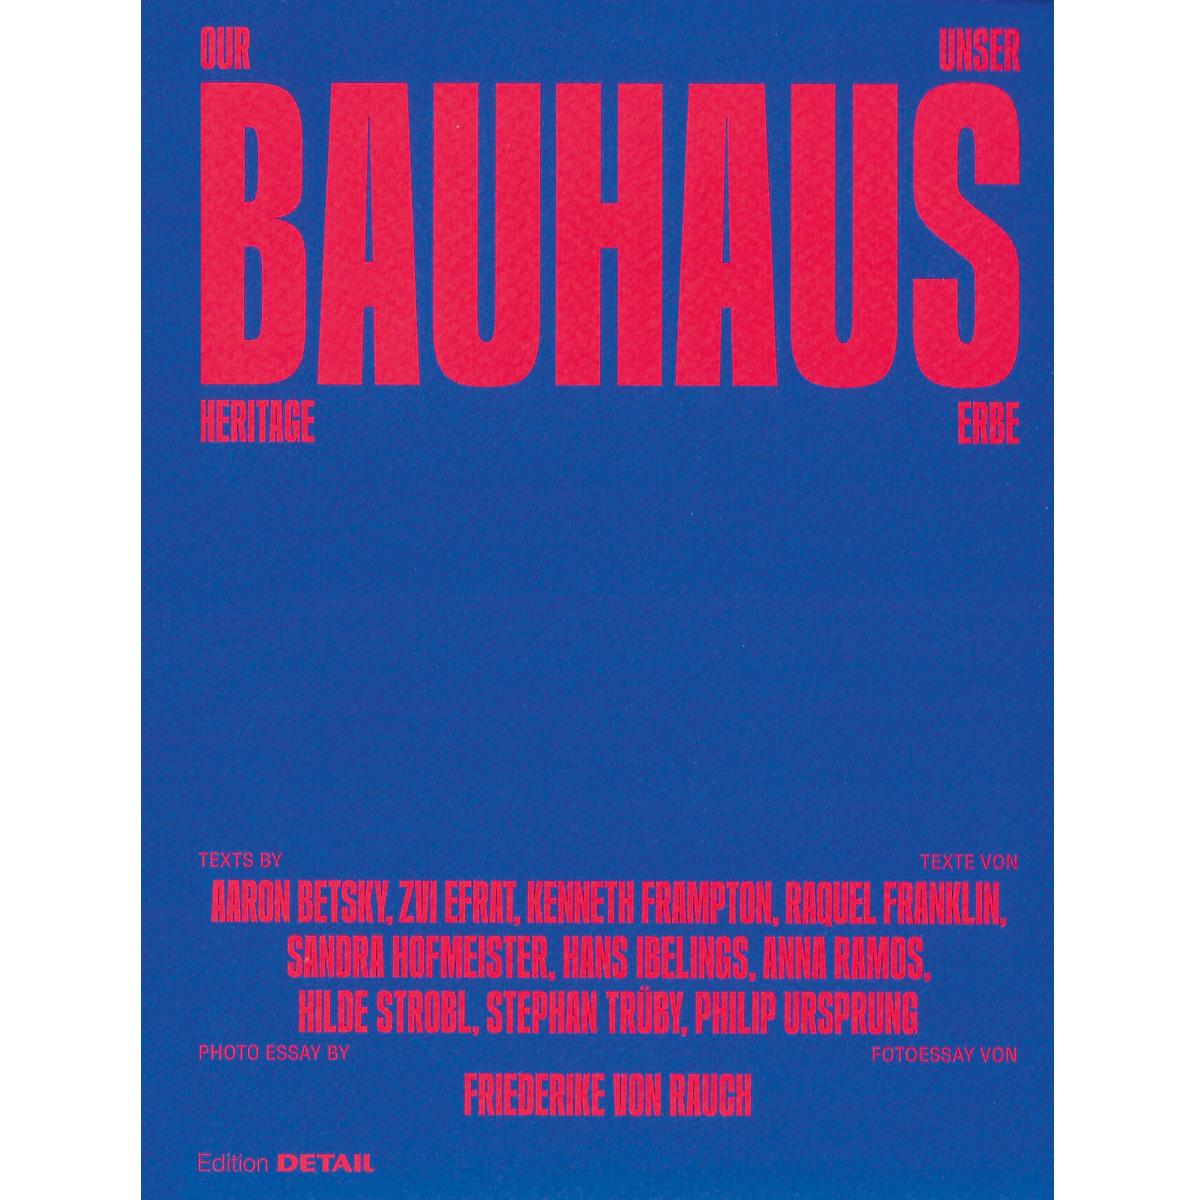 Our Bauhaus Heritage